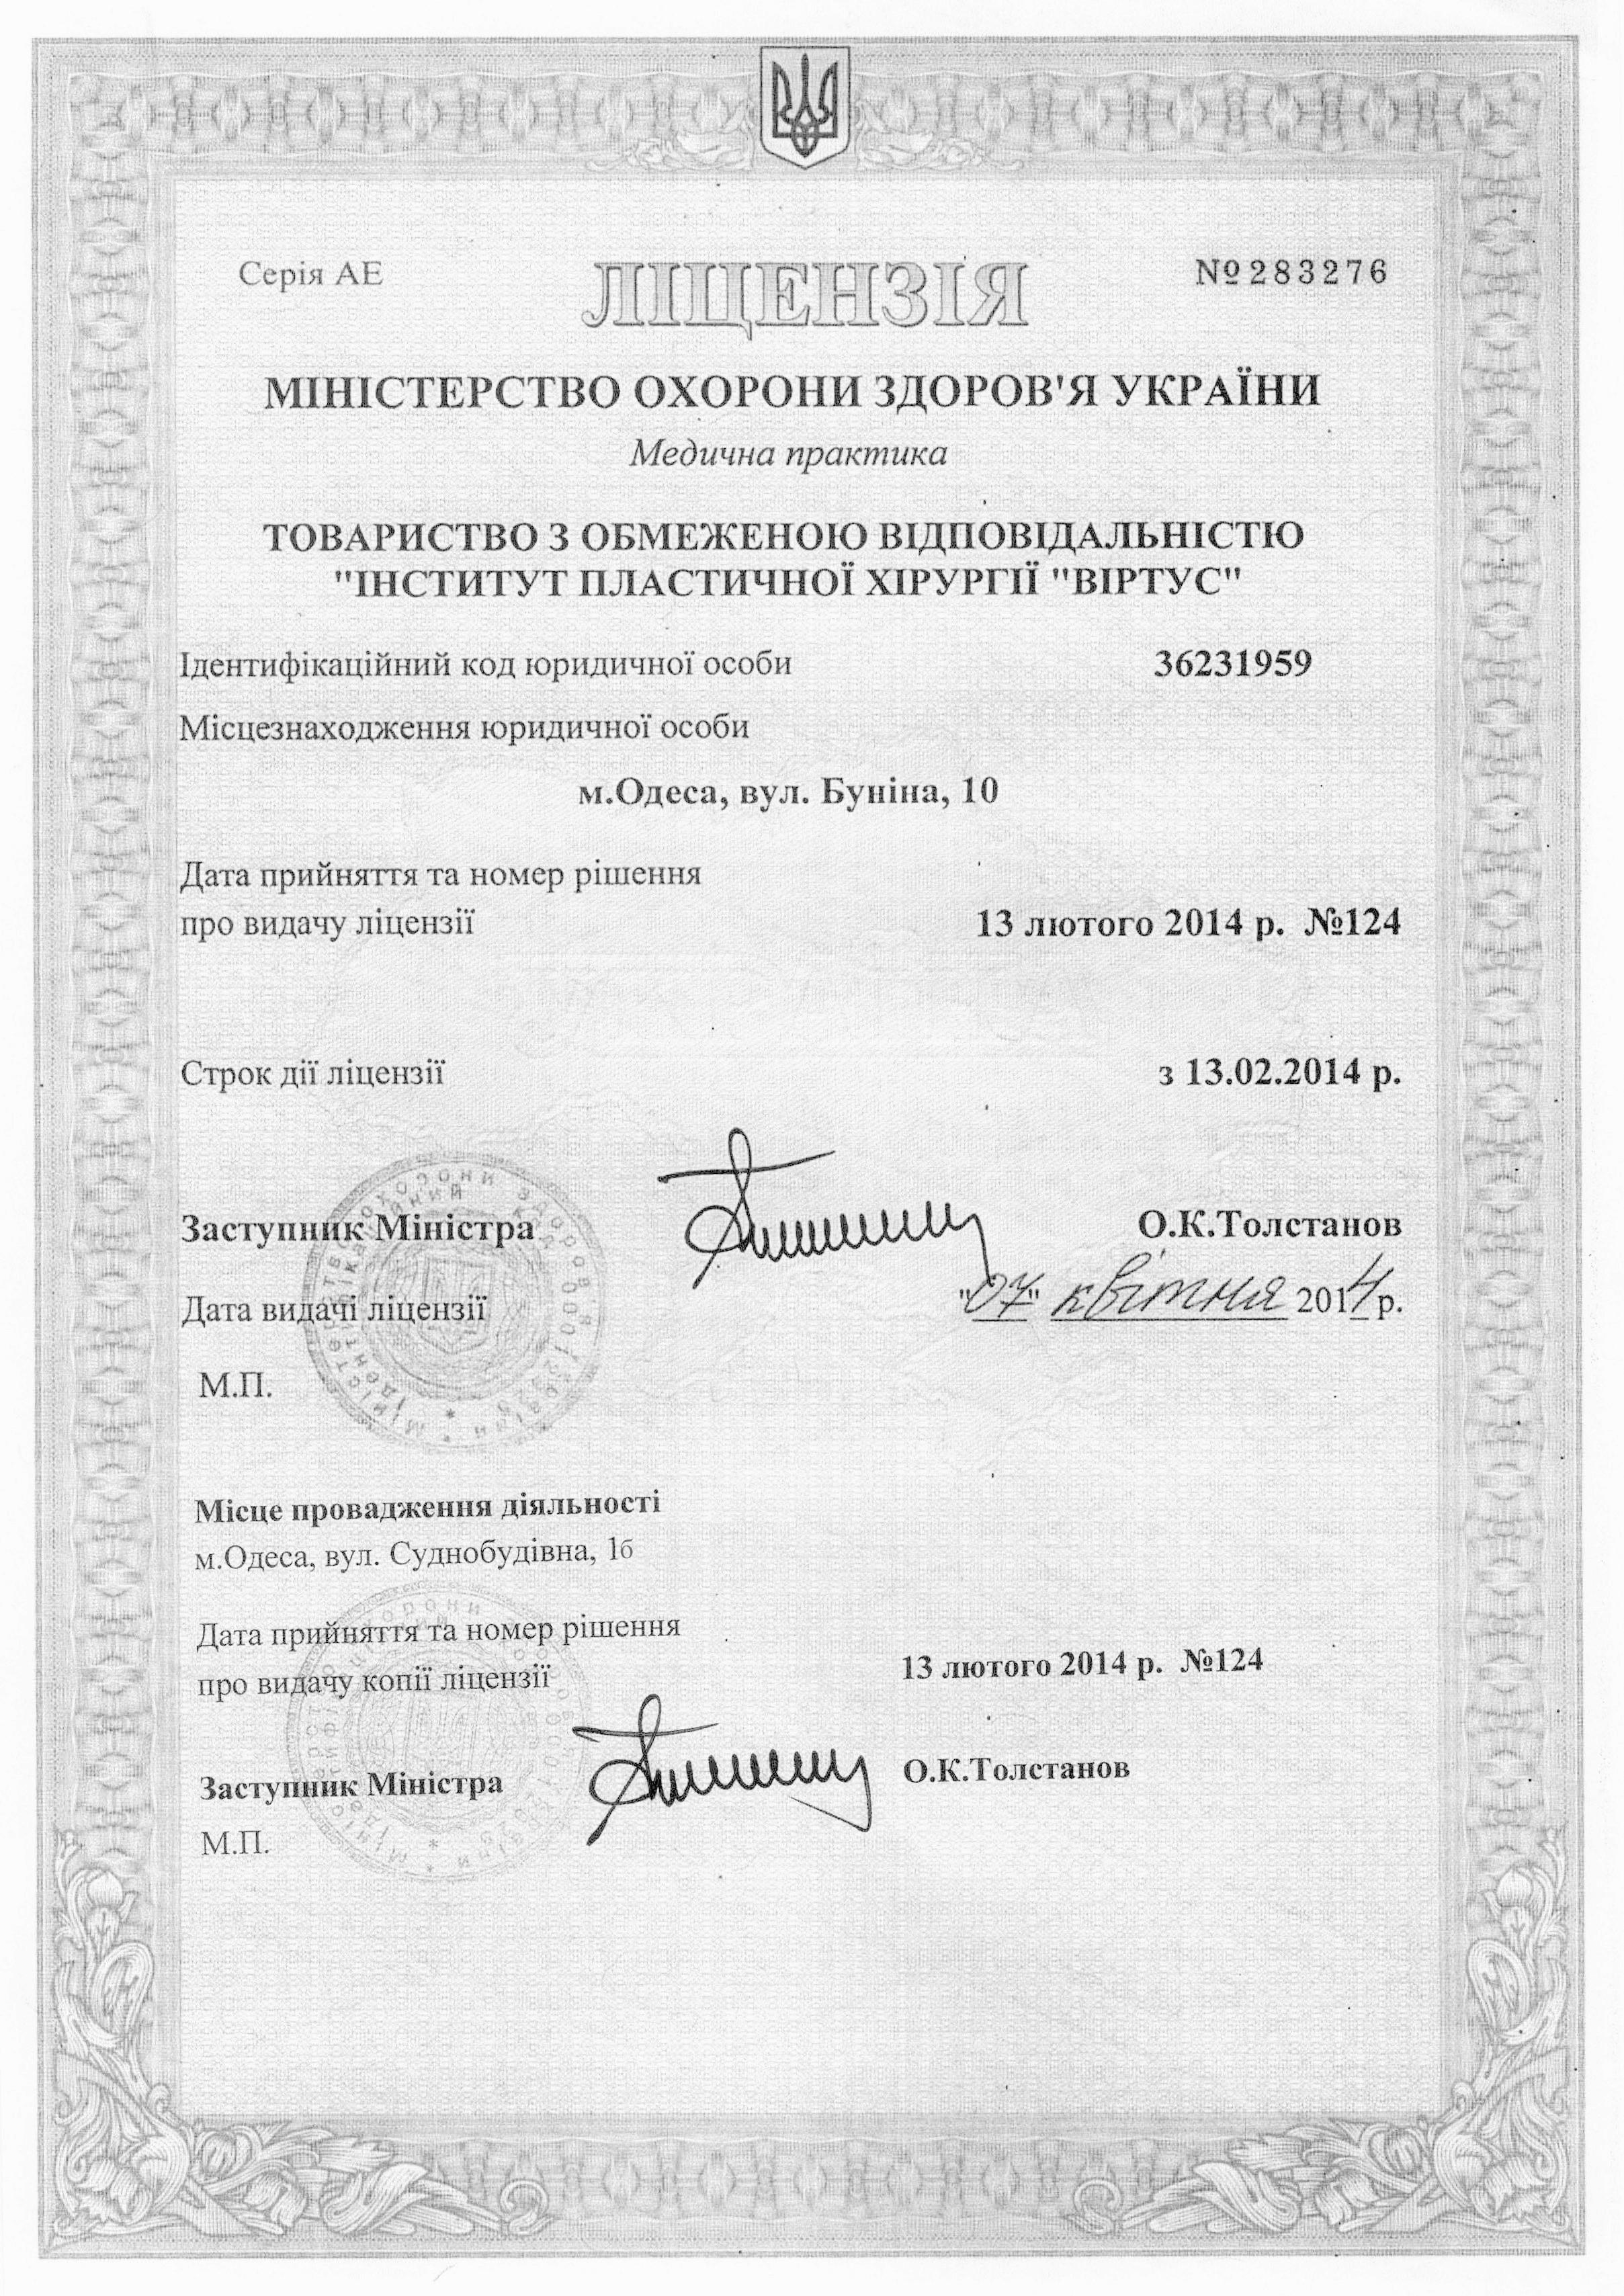 Ліцензія МОЗ України №283676 від 24.02.2014